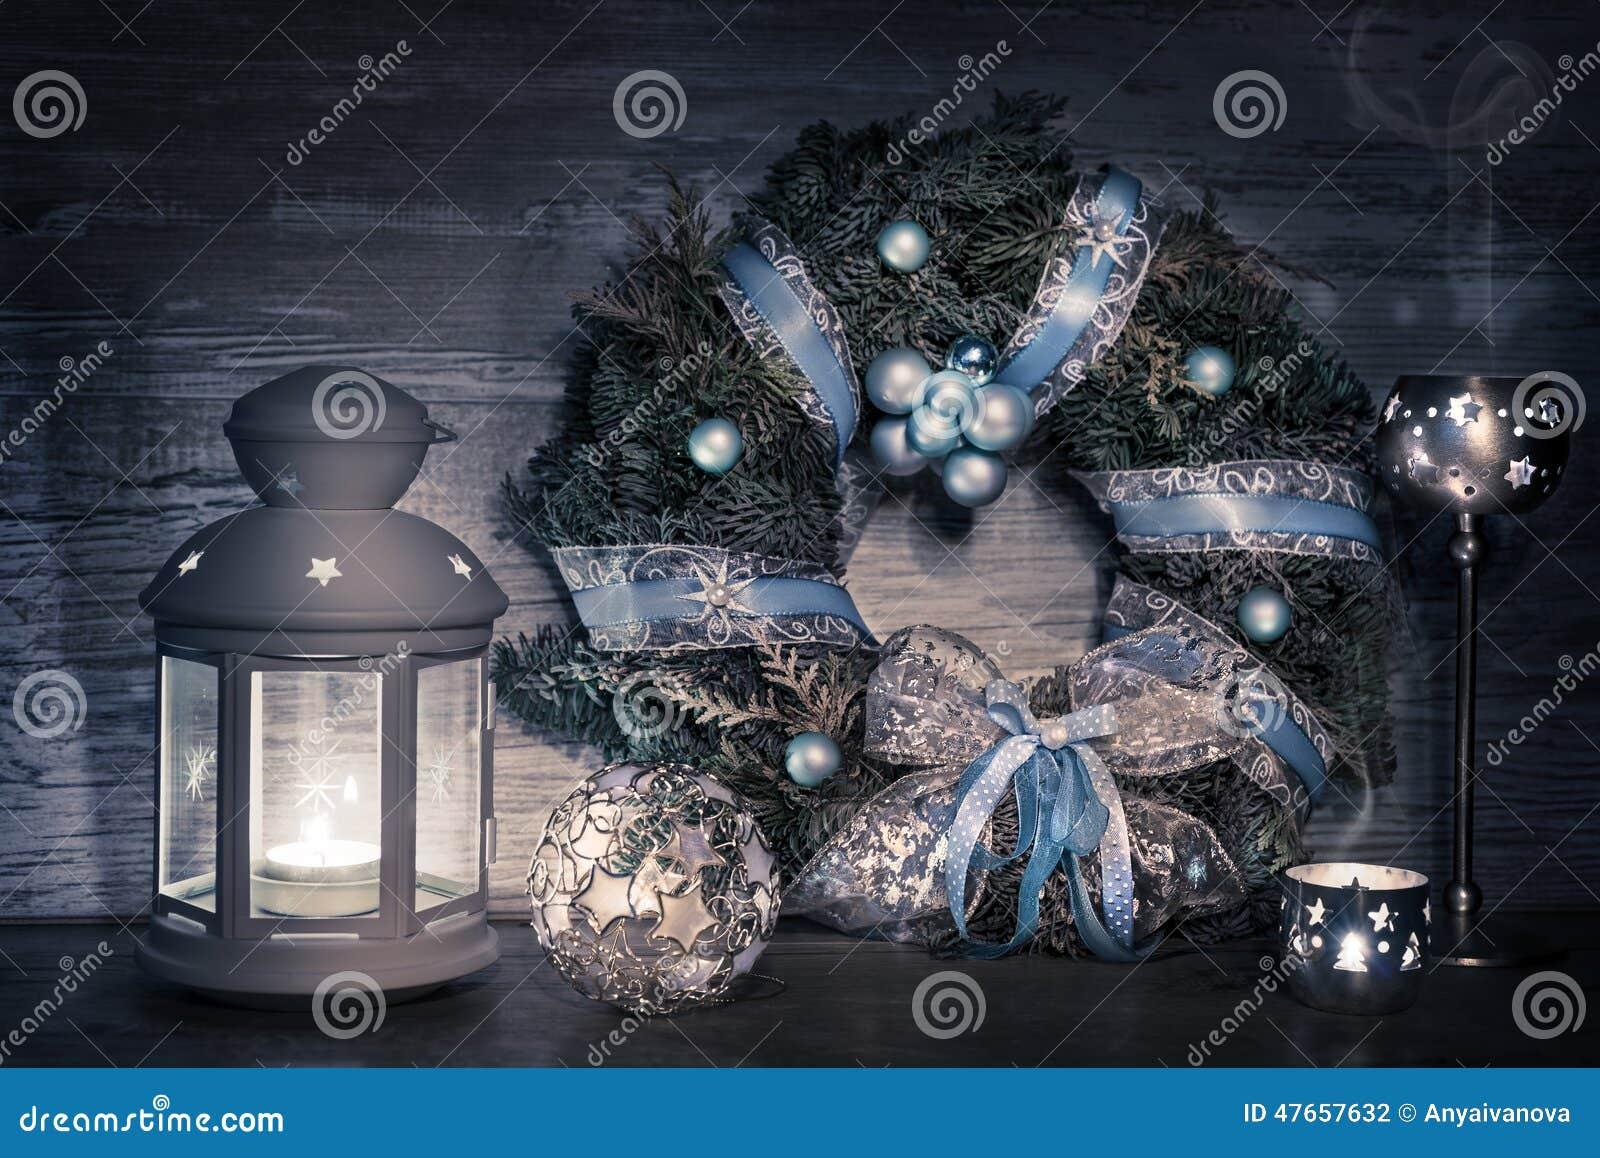 Dekorative Laterne Kerzen Und Weihnachtskranz Stockfoto Bild Von